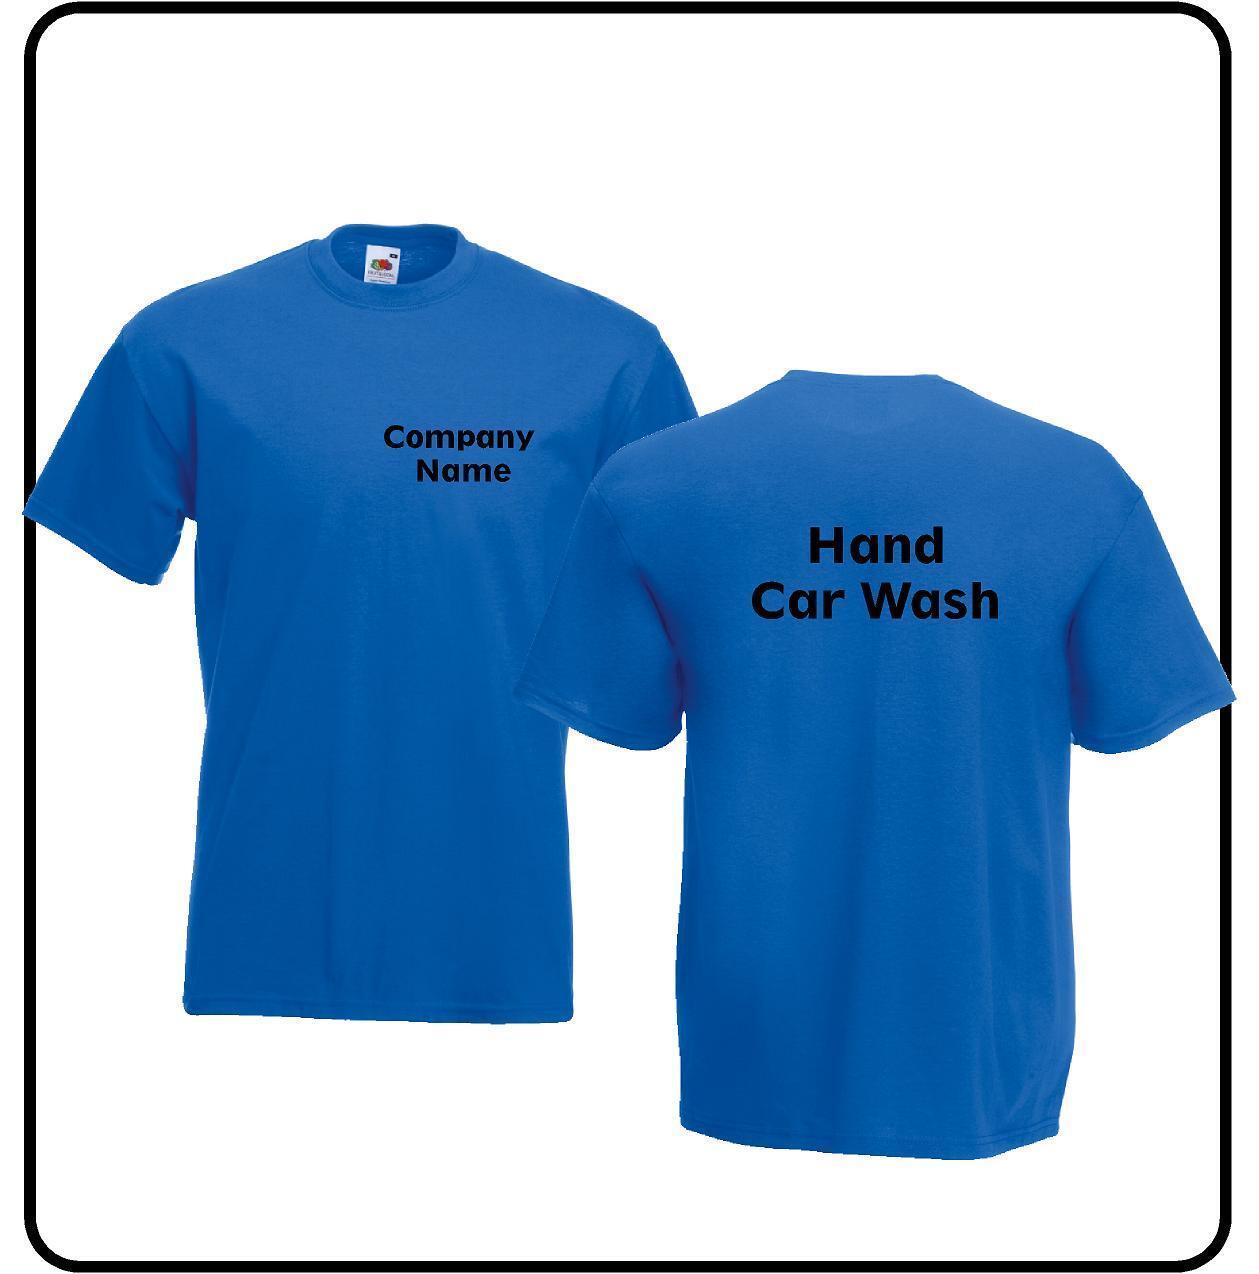 5 MANO Auto Lavare T-Shirt Company t-shirt Workwear X5